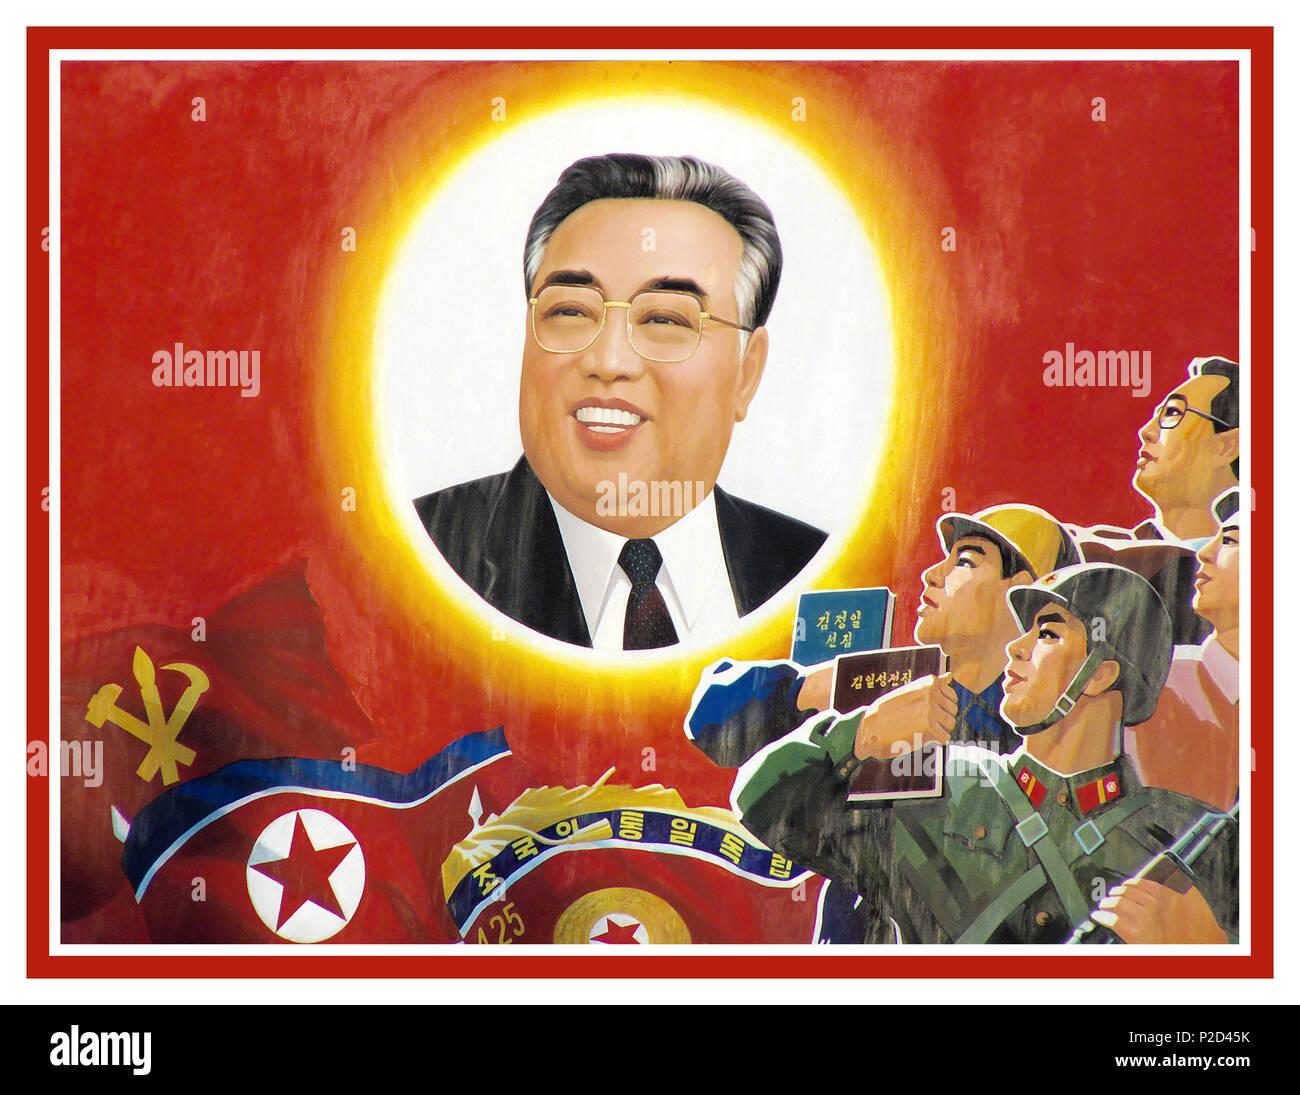 """Vintage Propaganda Poster 60er Kim Il-sung Nordkorea, offiziell der Demokratischen Volksrepublik Korea in die """"Demokratische Volksrepublik Korea"""" (DVRK), Kim Il-sung errichtet einen Kult der Persönlichkeit, einer kommunistischen totalitären Diktatur unter einer Ideologie, bekannt als """"Juche"""" Stockbild"""